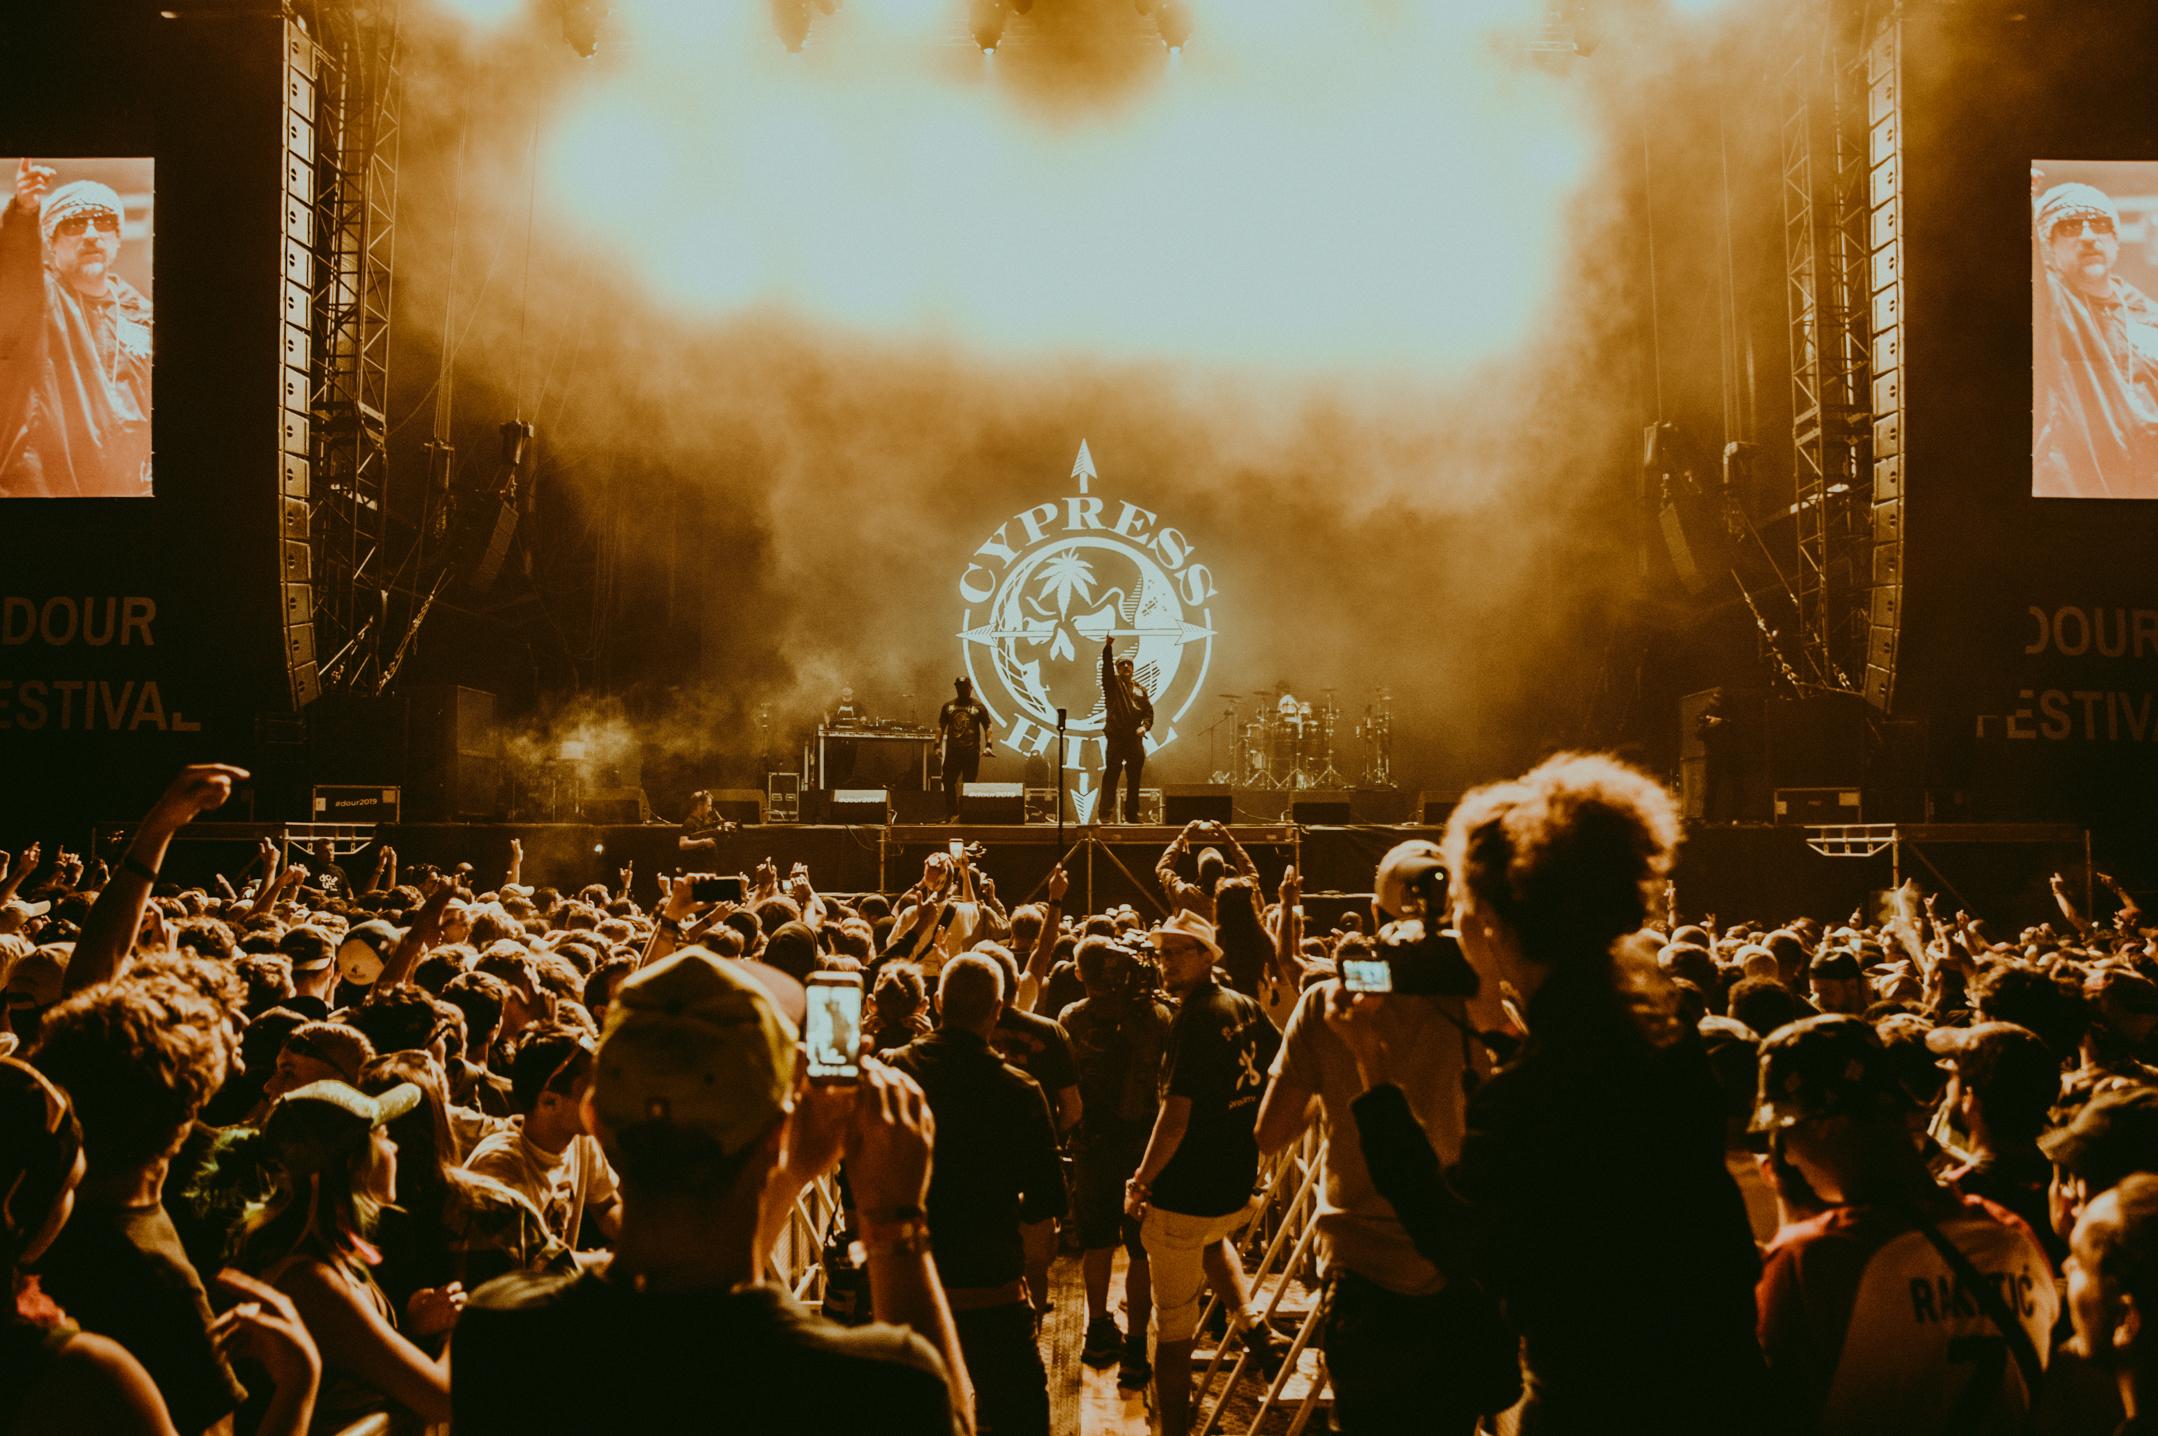 20190711_2300_Cypress Hill(4) (1)